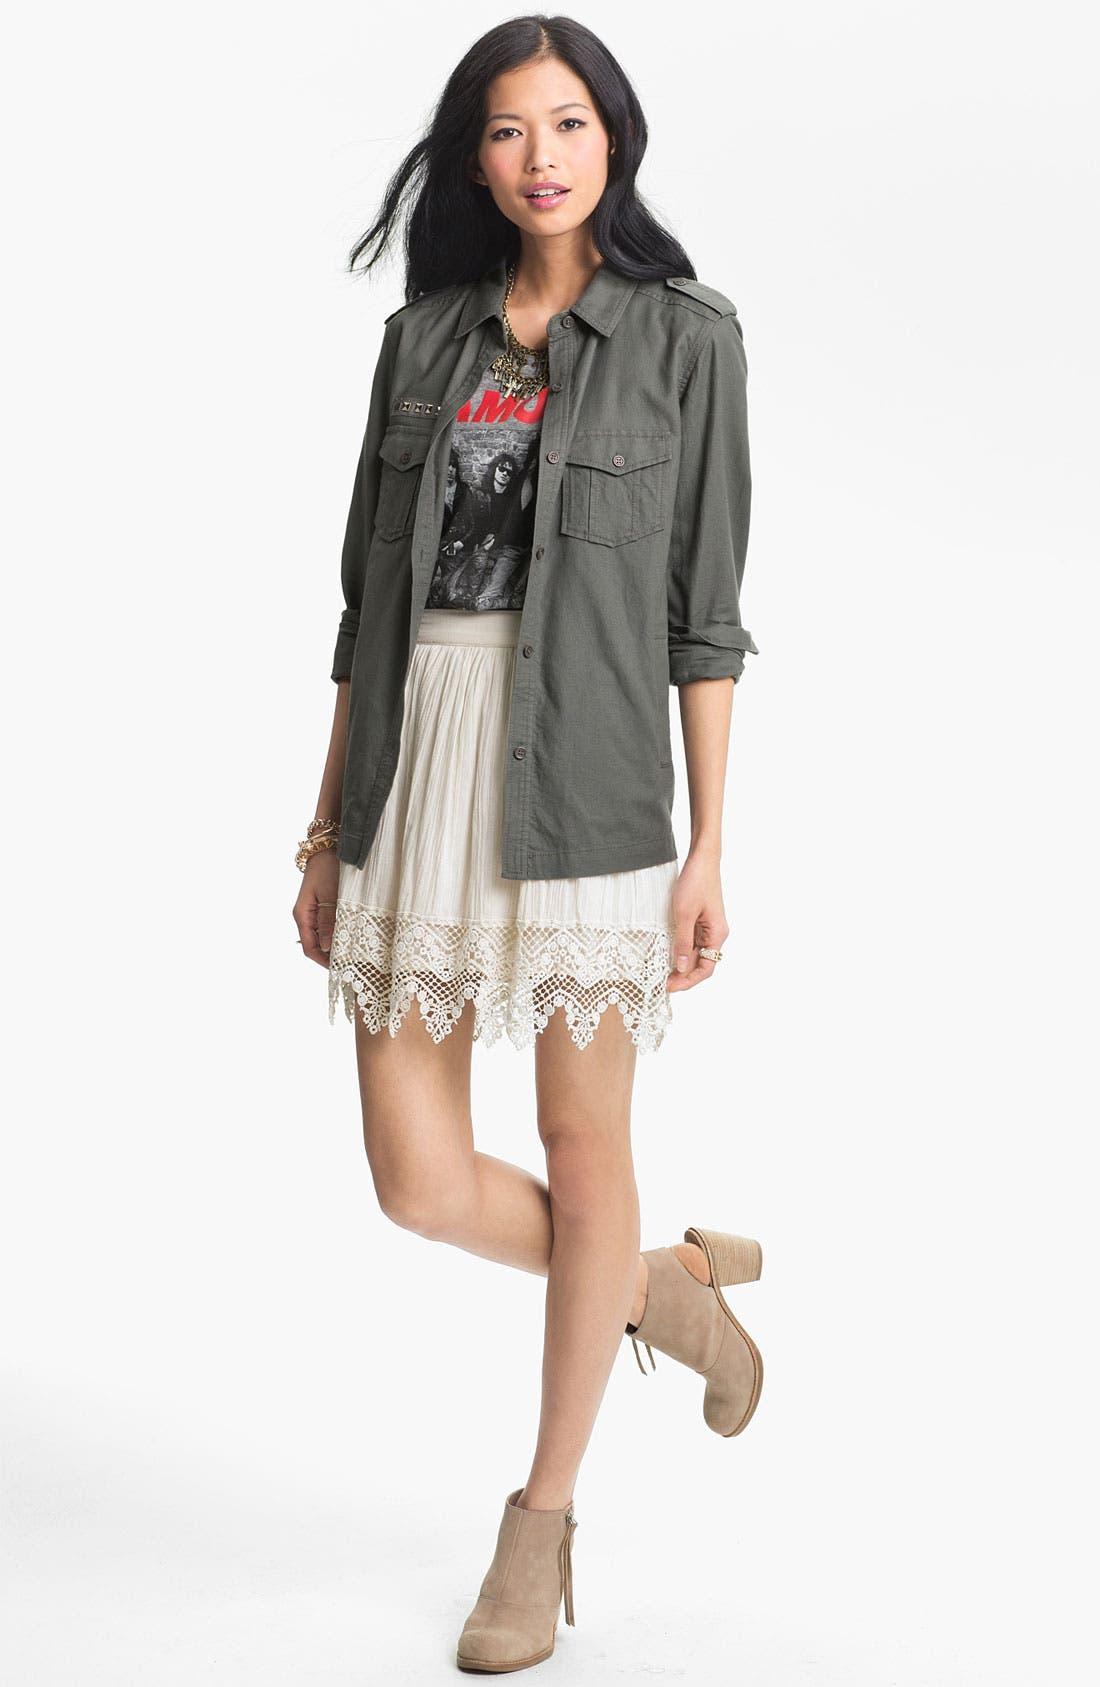 Main Image - Rubbish® Jacket & Frenchi® Skirt